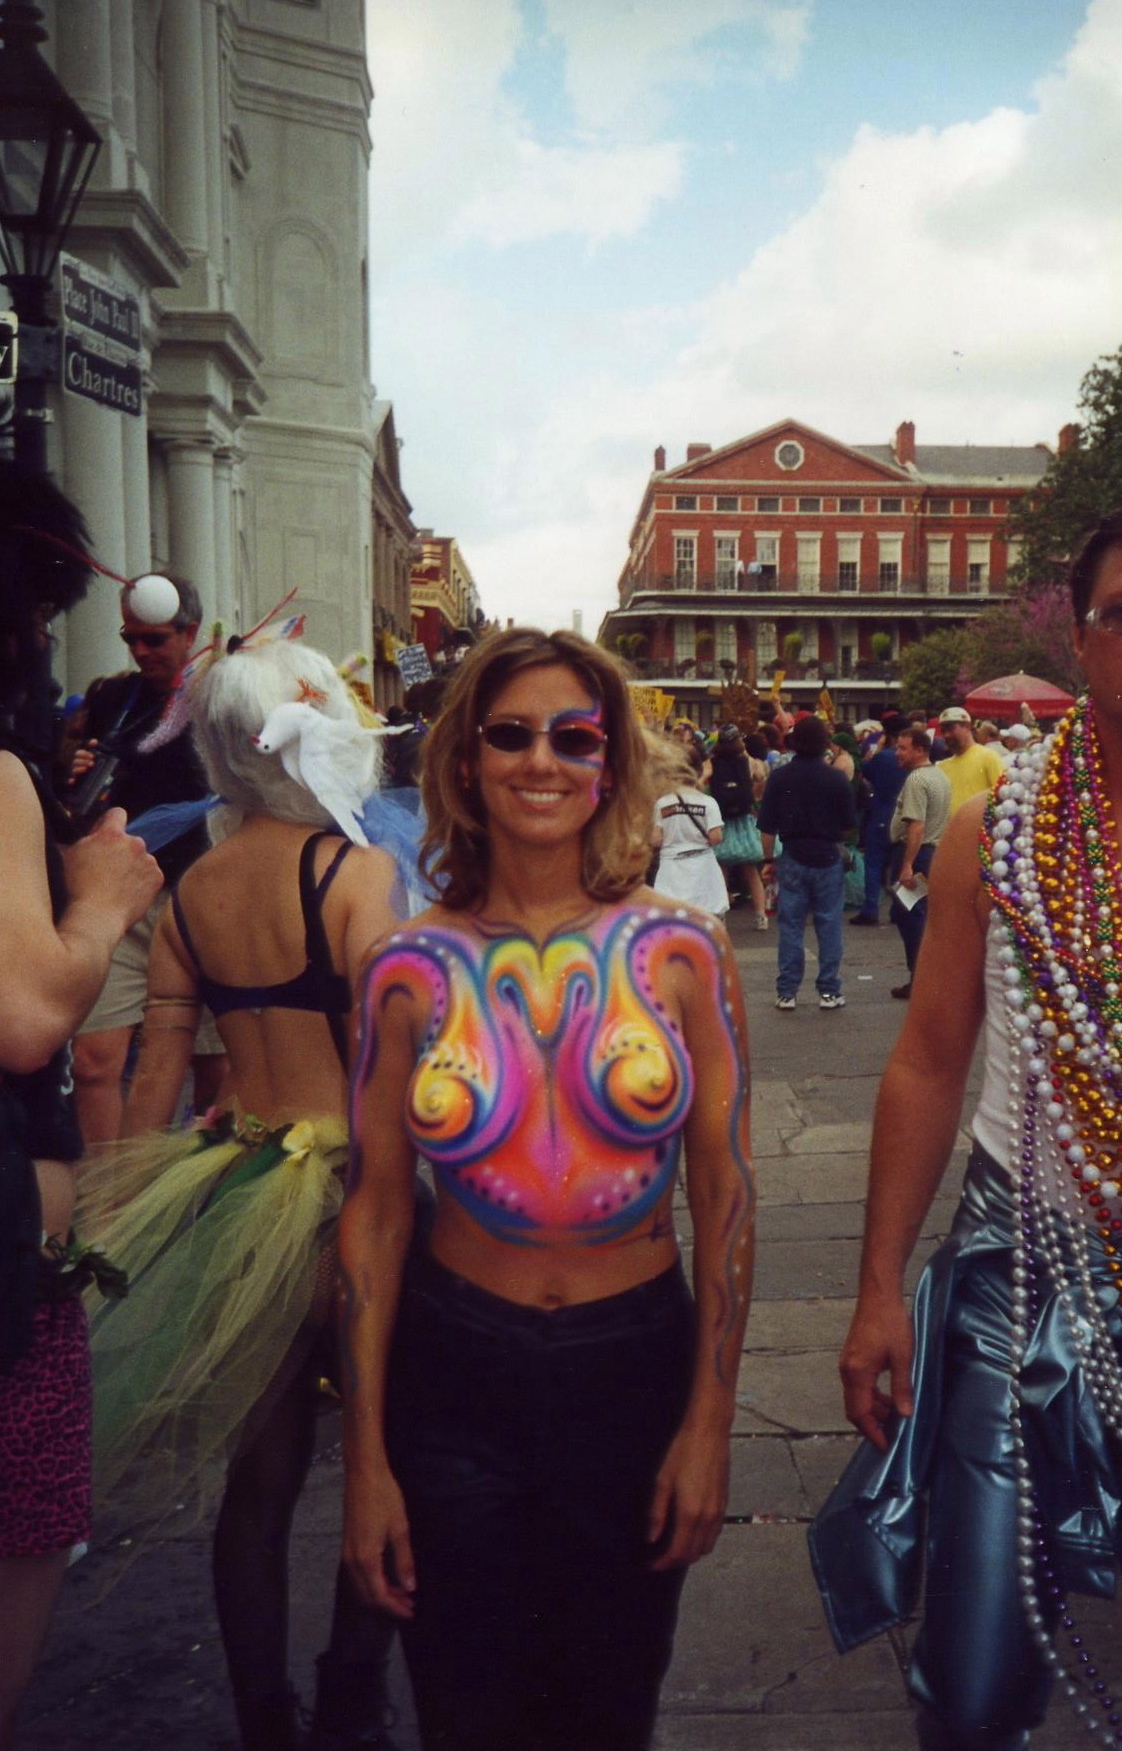 Mardi gras girls flashing men, free streaming anal sex